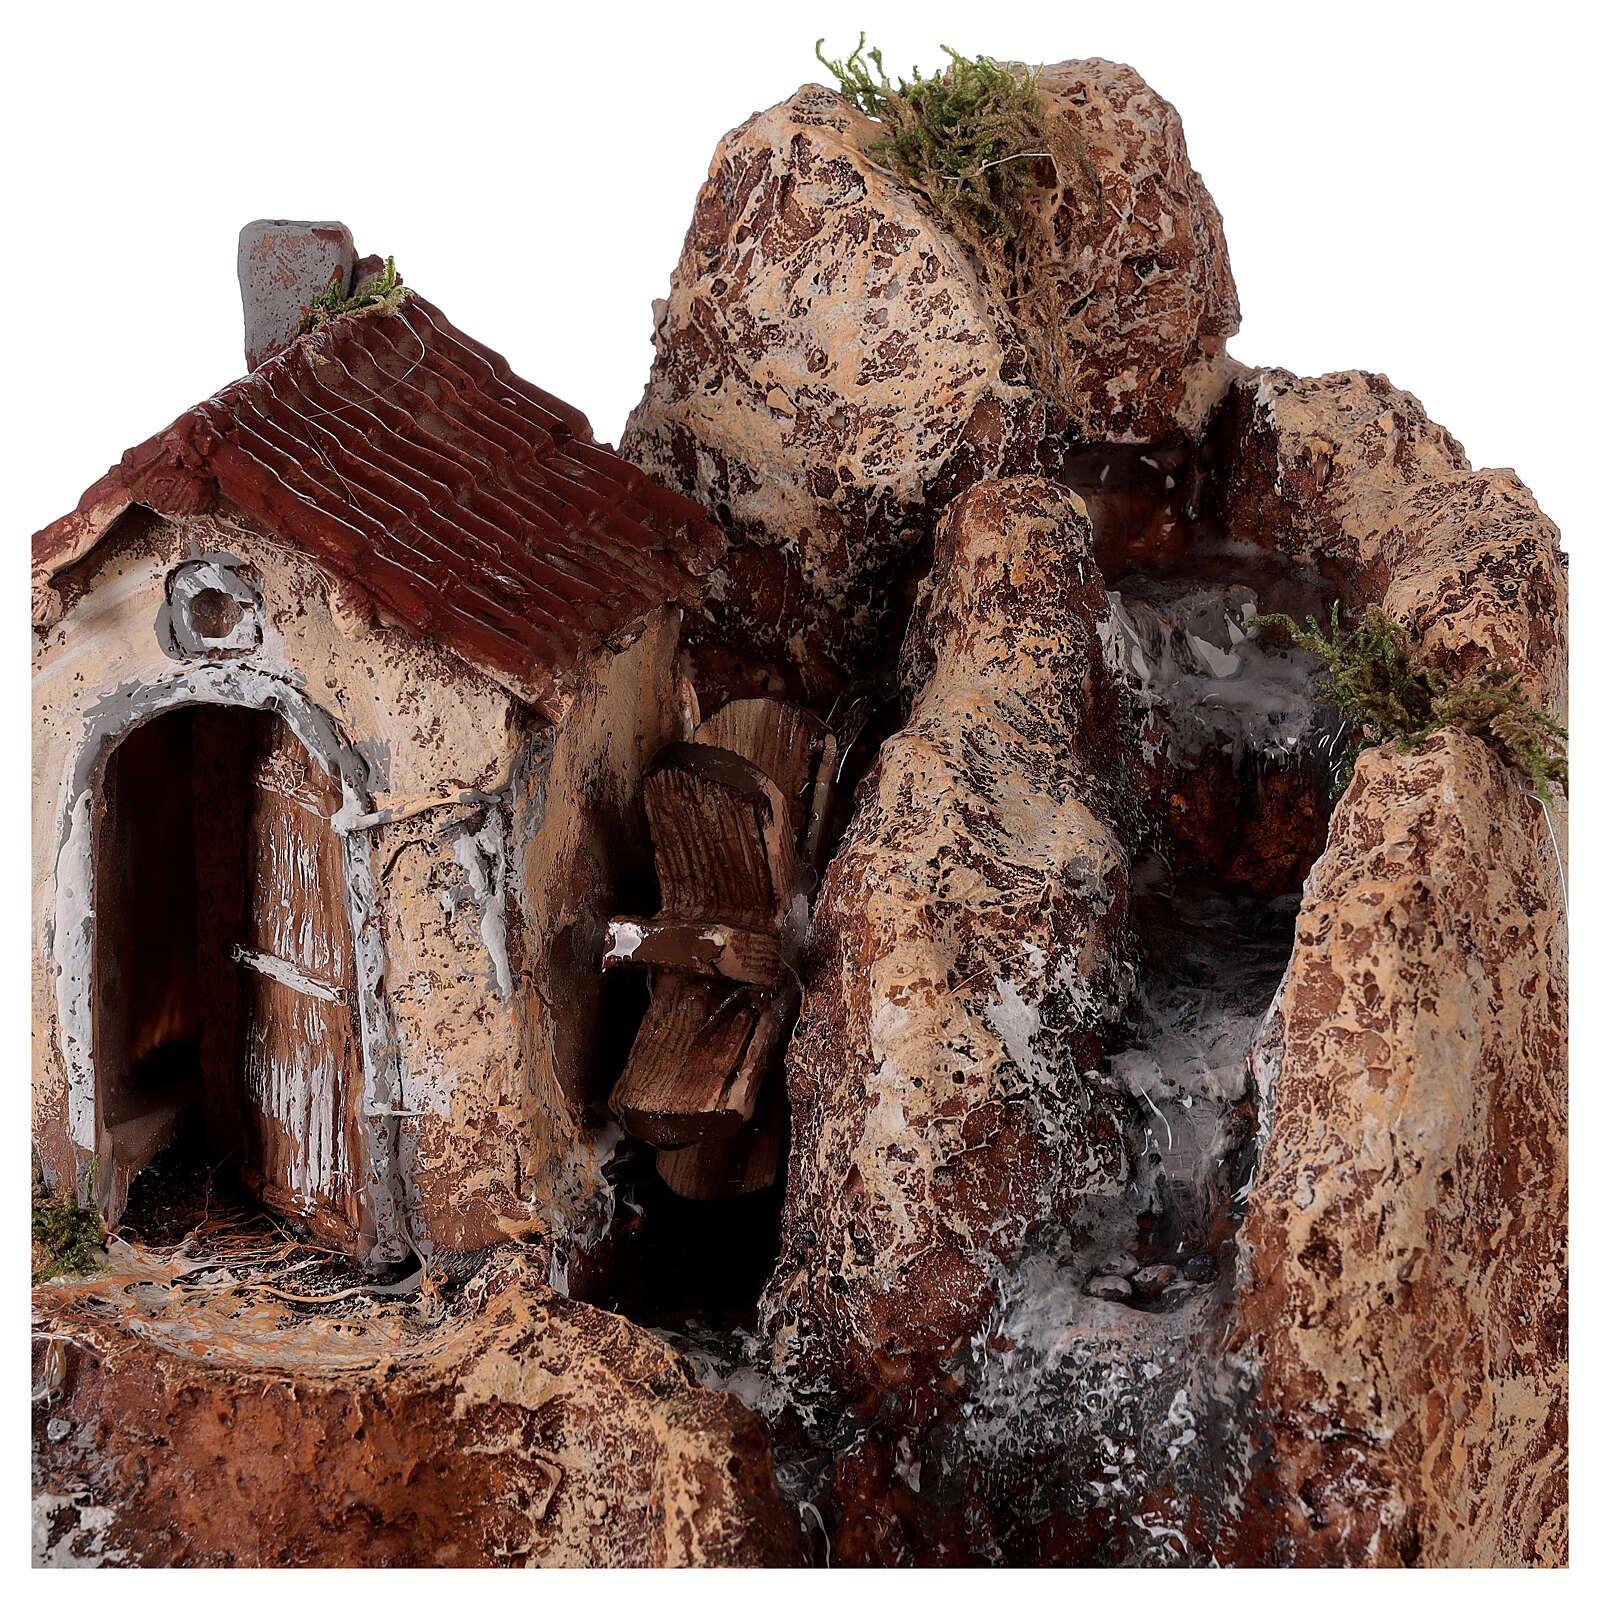 Chute d'eau et moulin résine 20x30x30 cm crèche napolitaine 6-8 cm 4